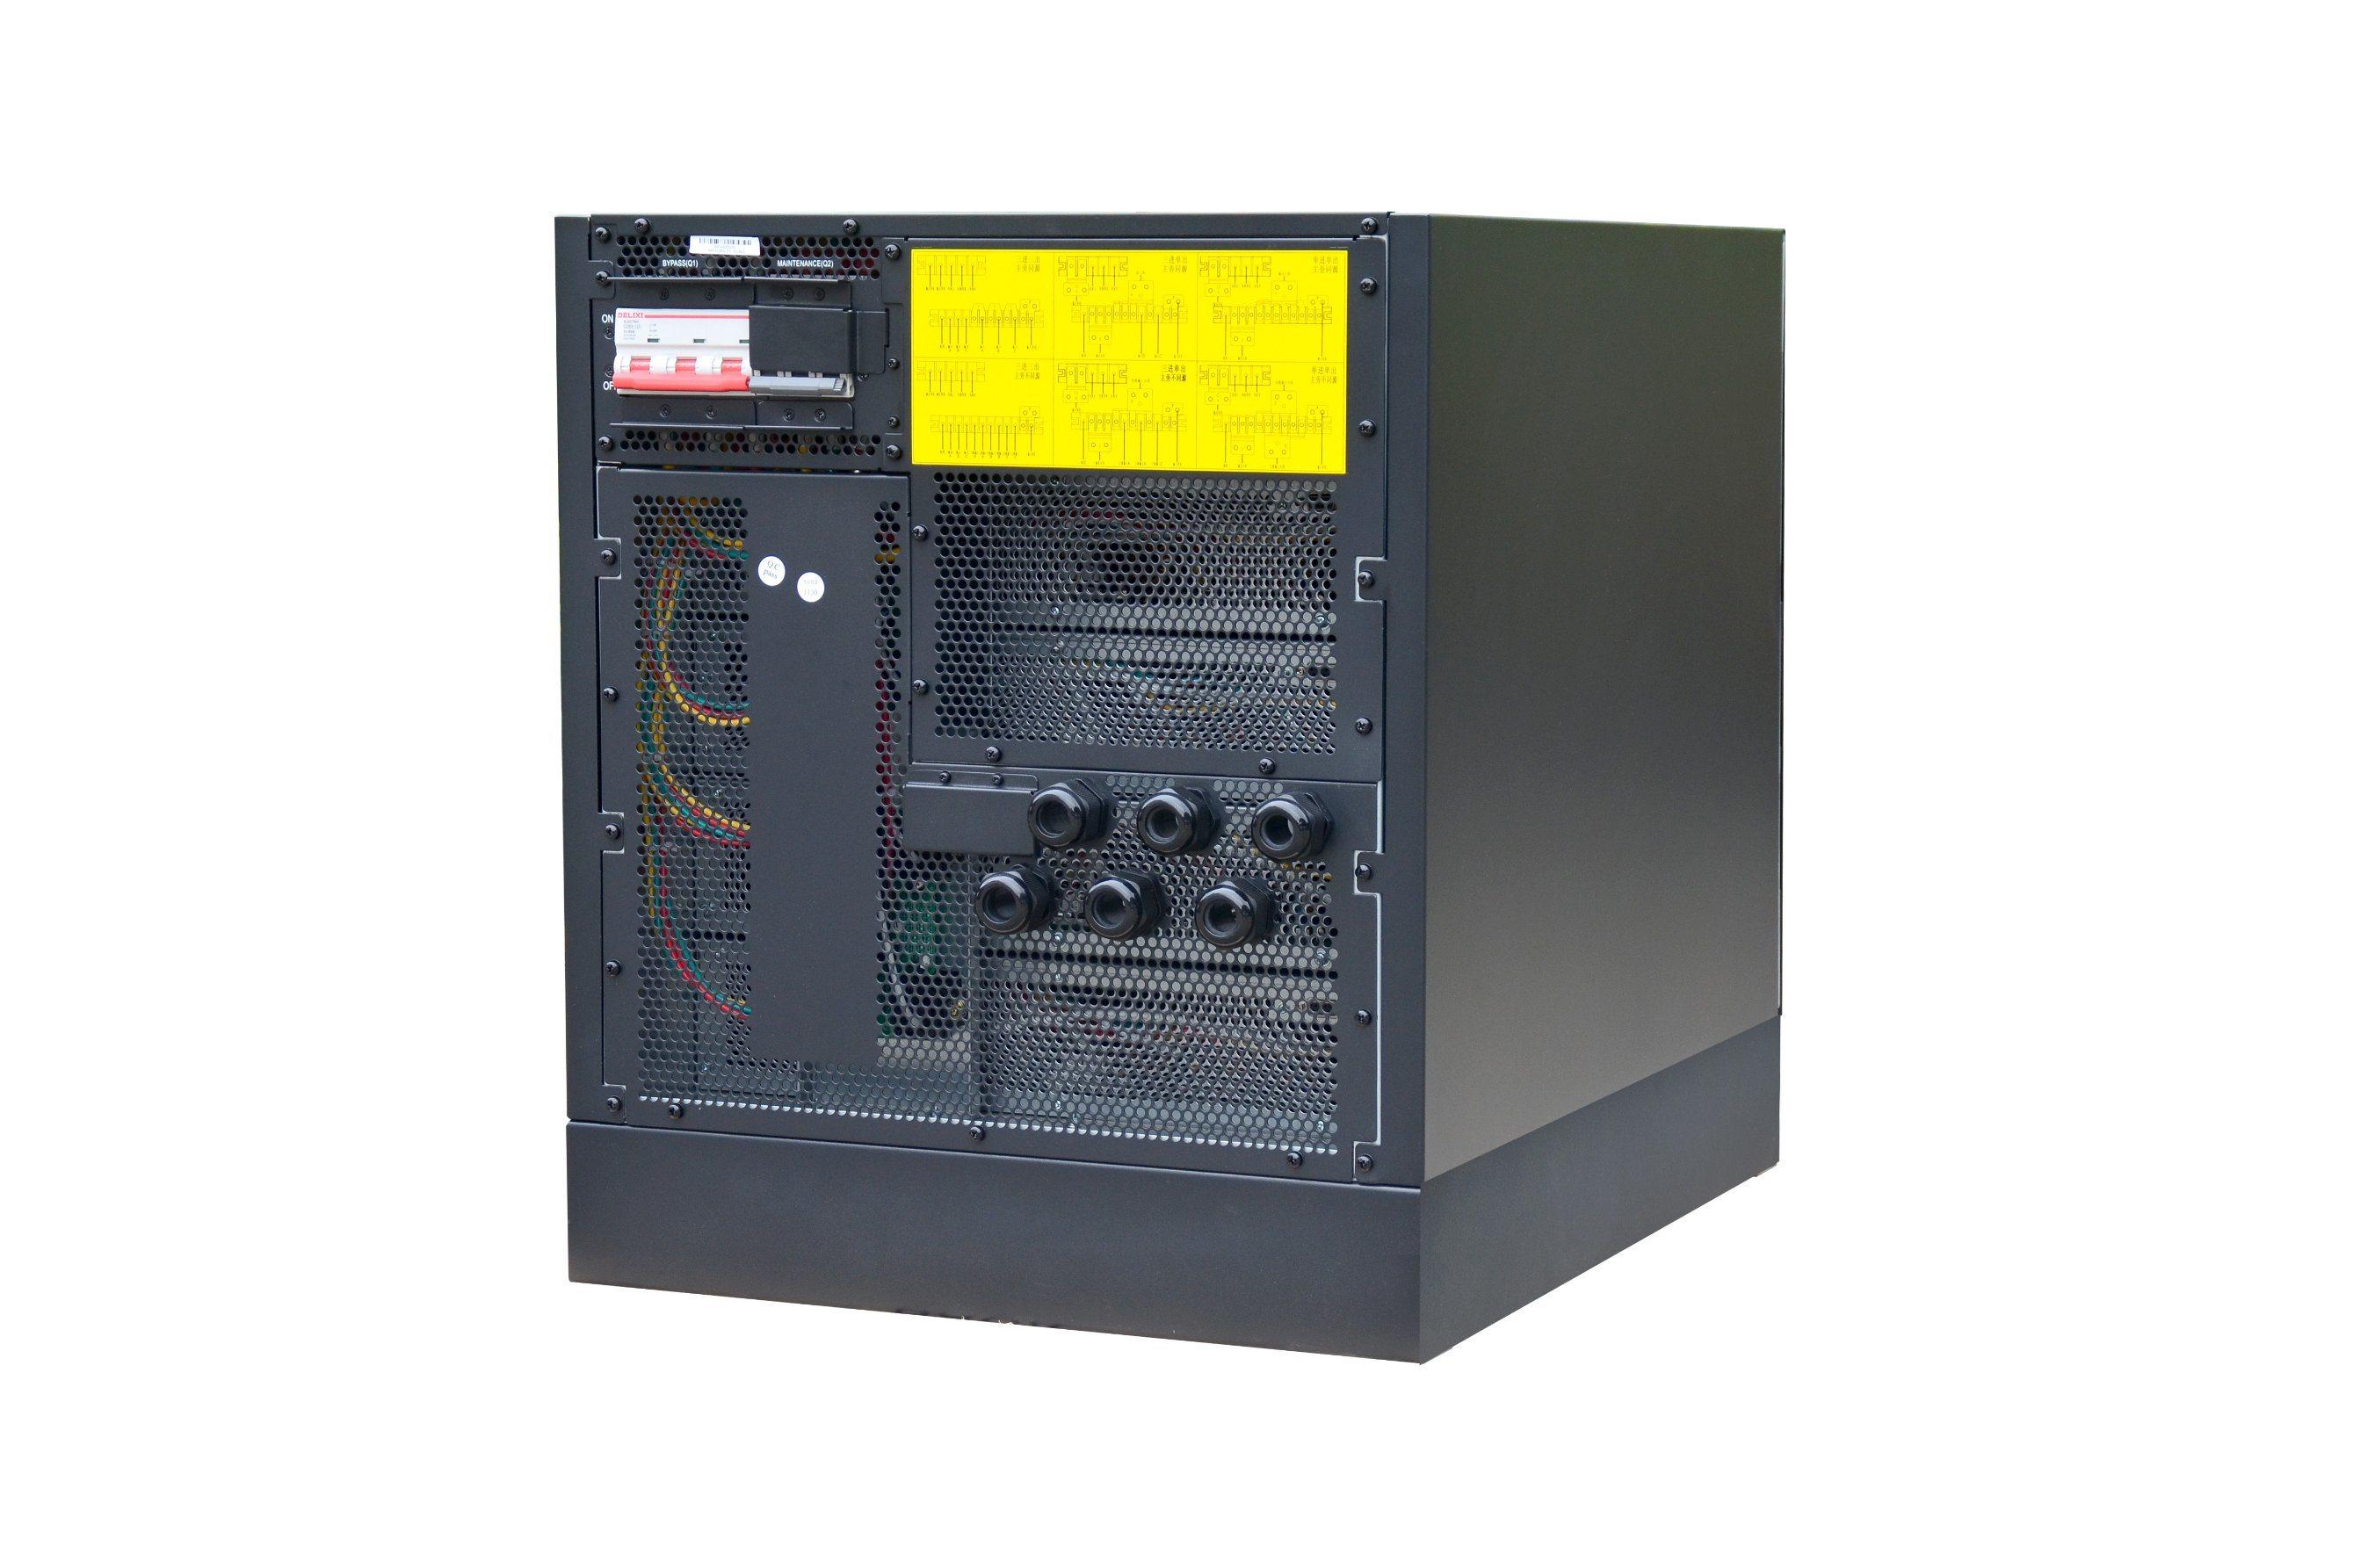 Supstech Hf Power Bank UPS SUN400L-M10 40KVA